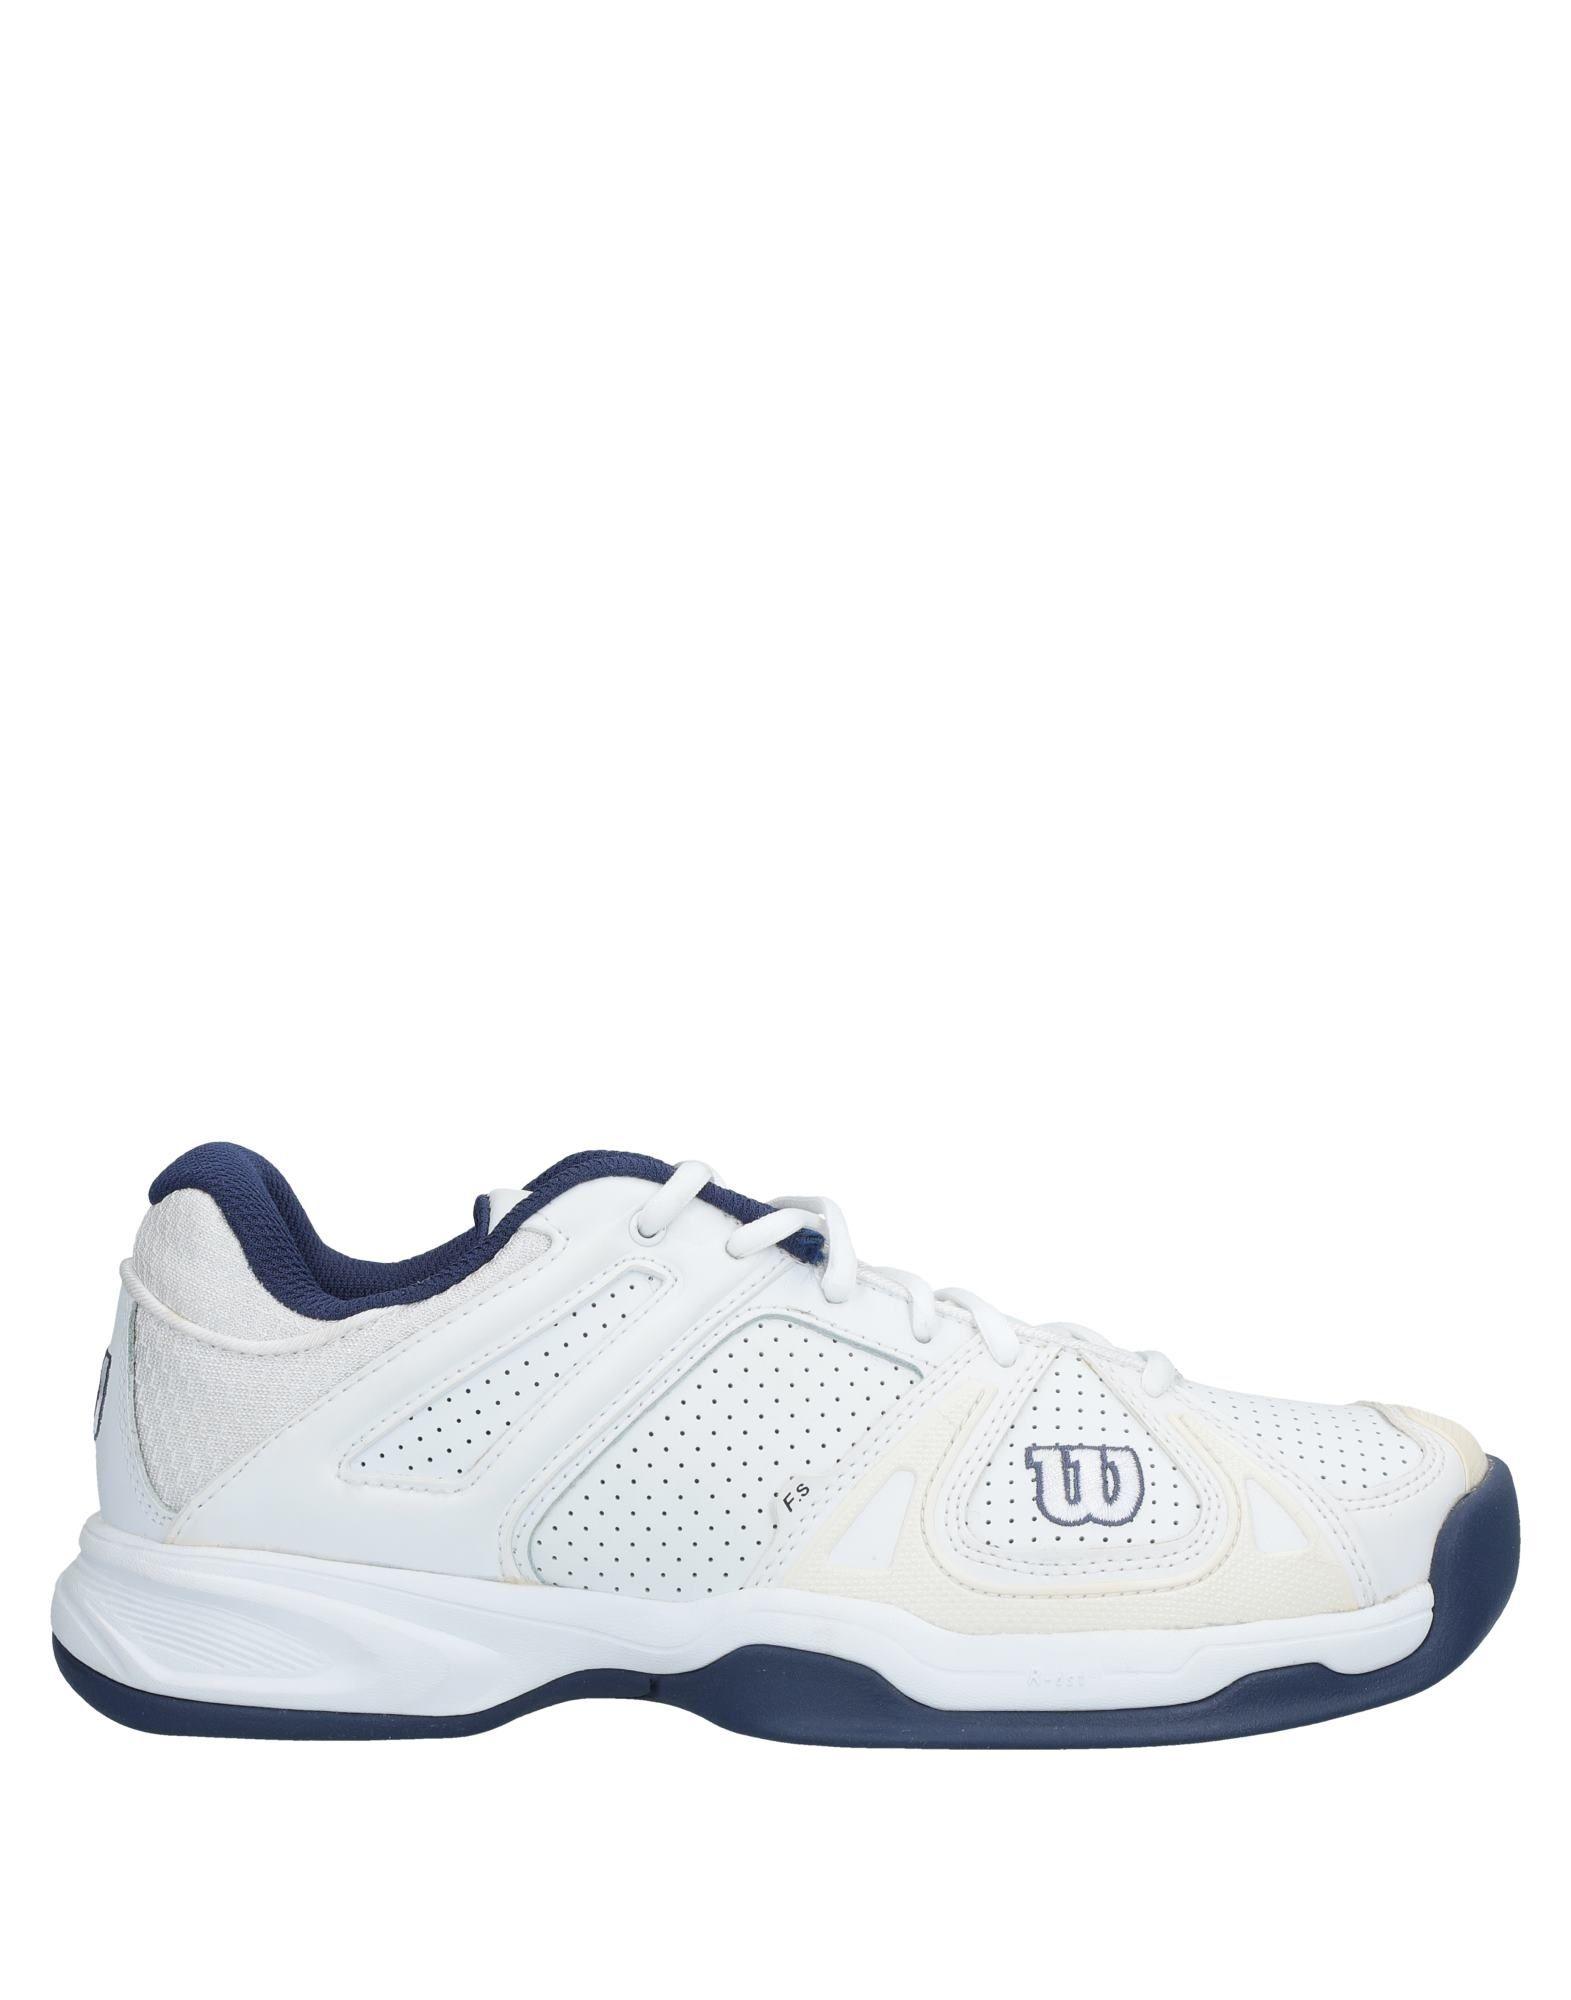 Scarpe economiche e resistenti Sneakers Wilson Uomo - 11529412VI